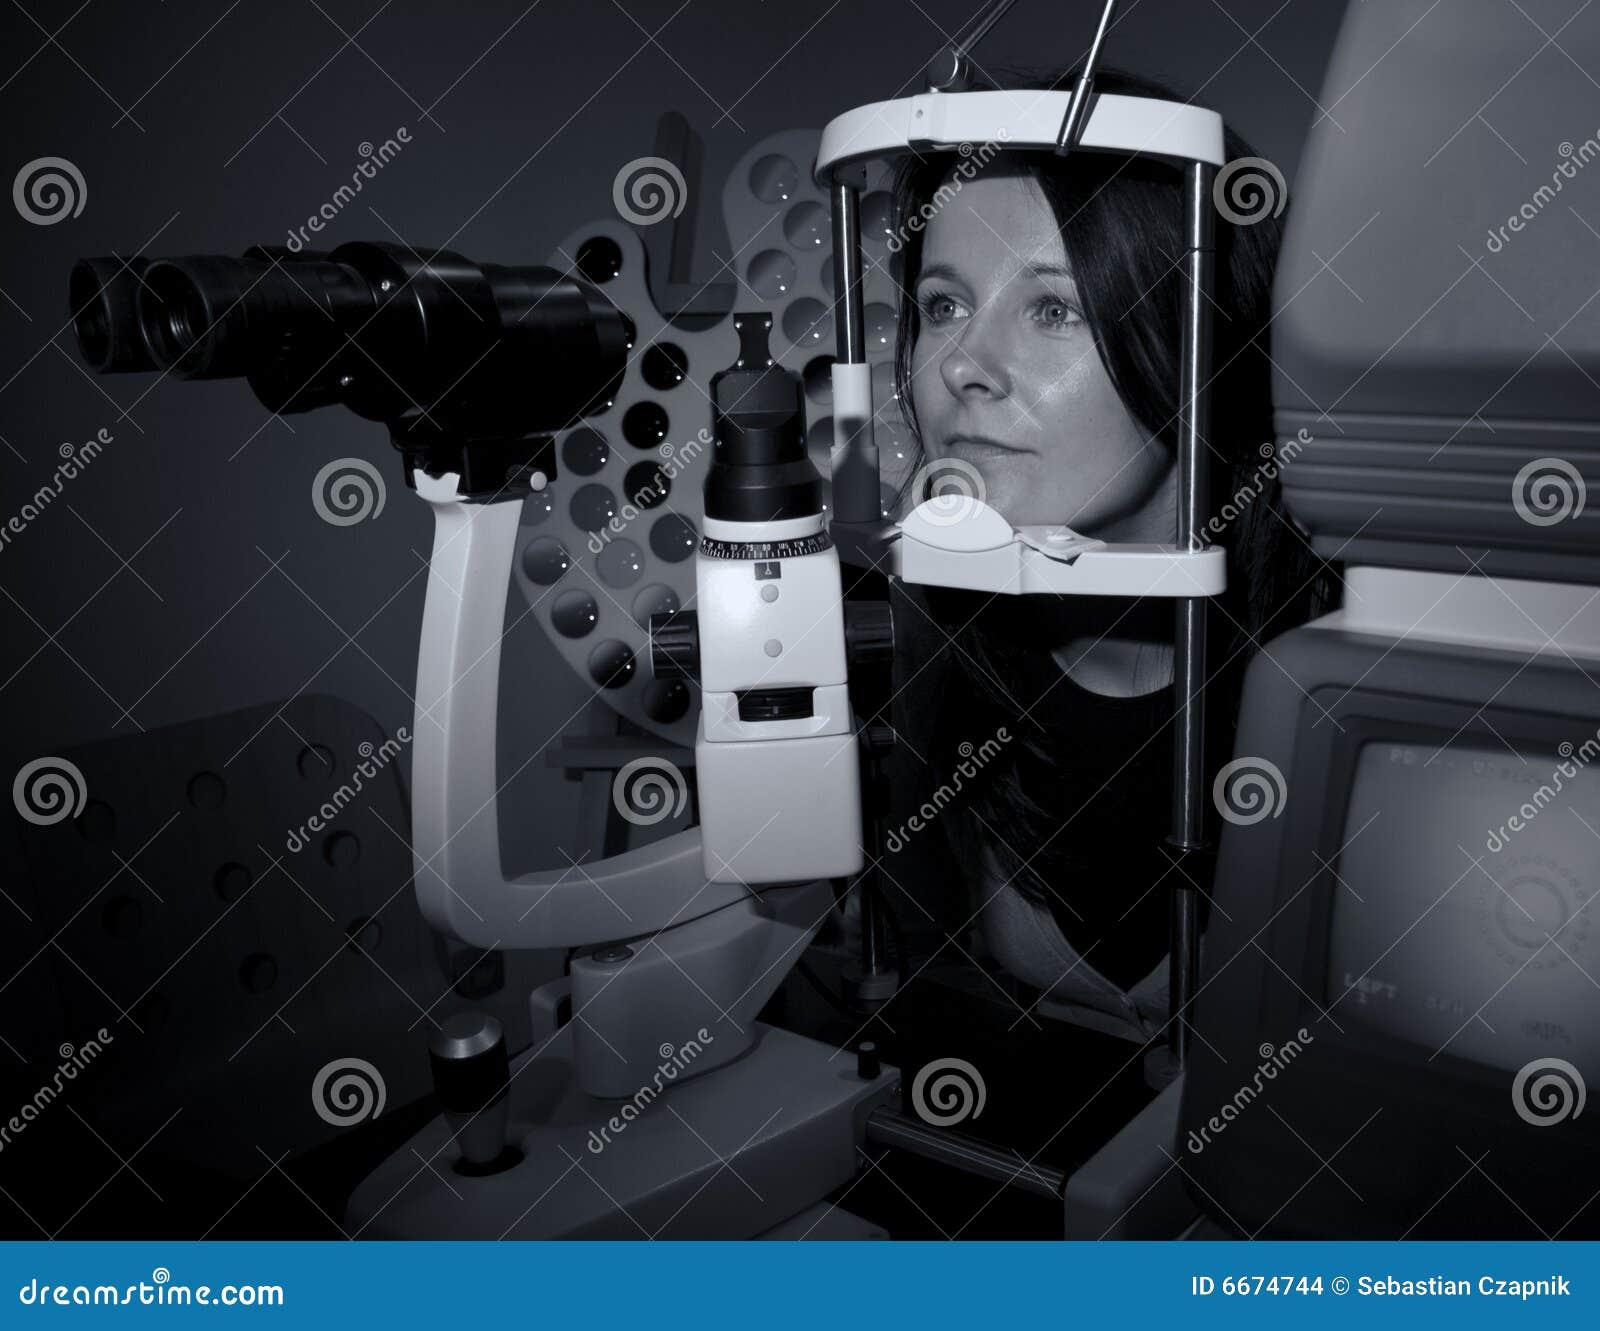 Woman sitting in optician machine